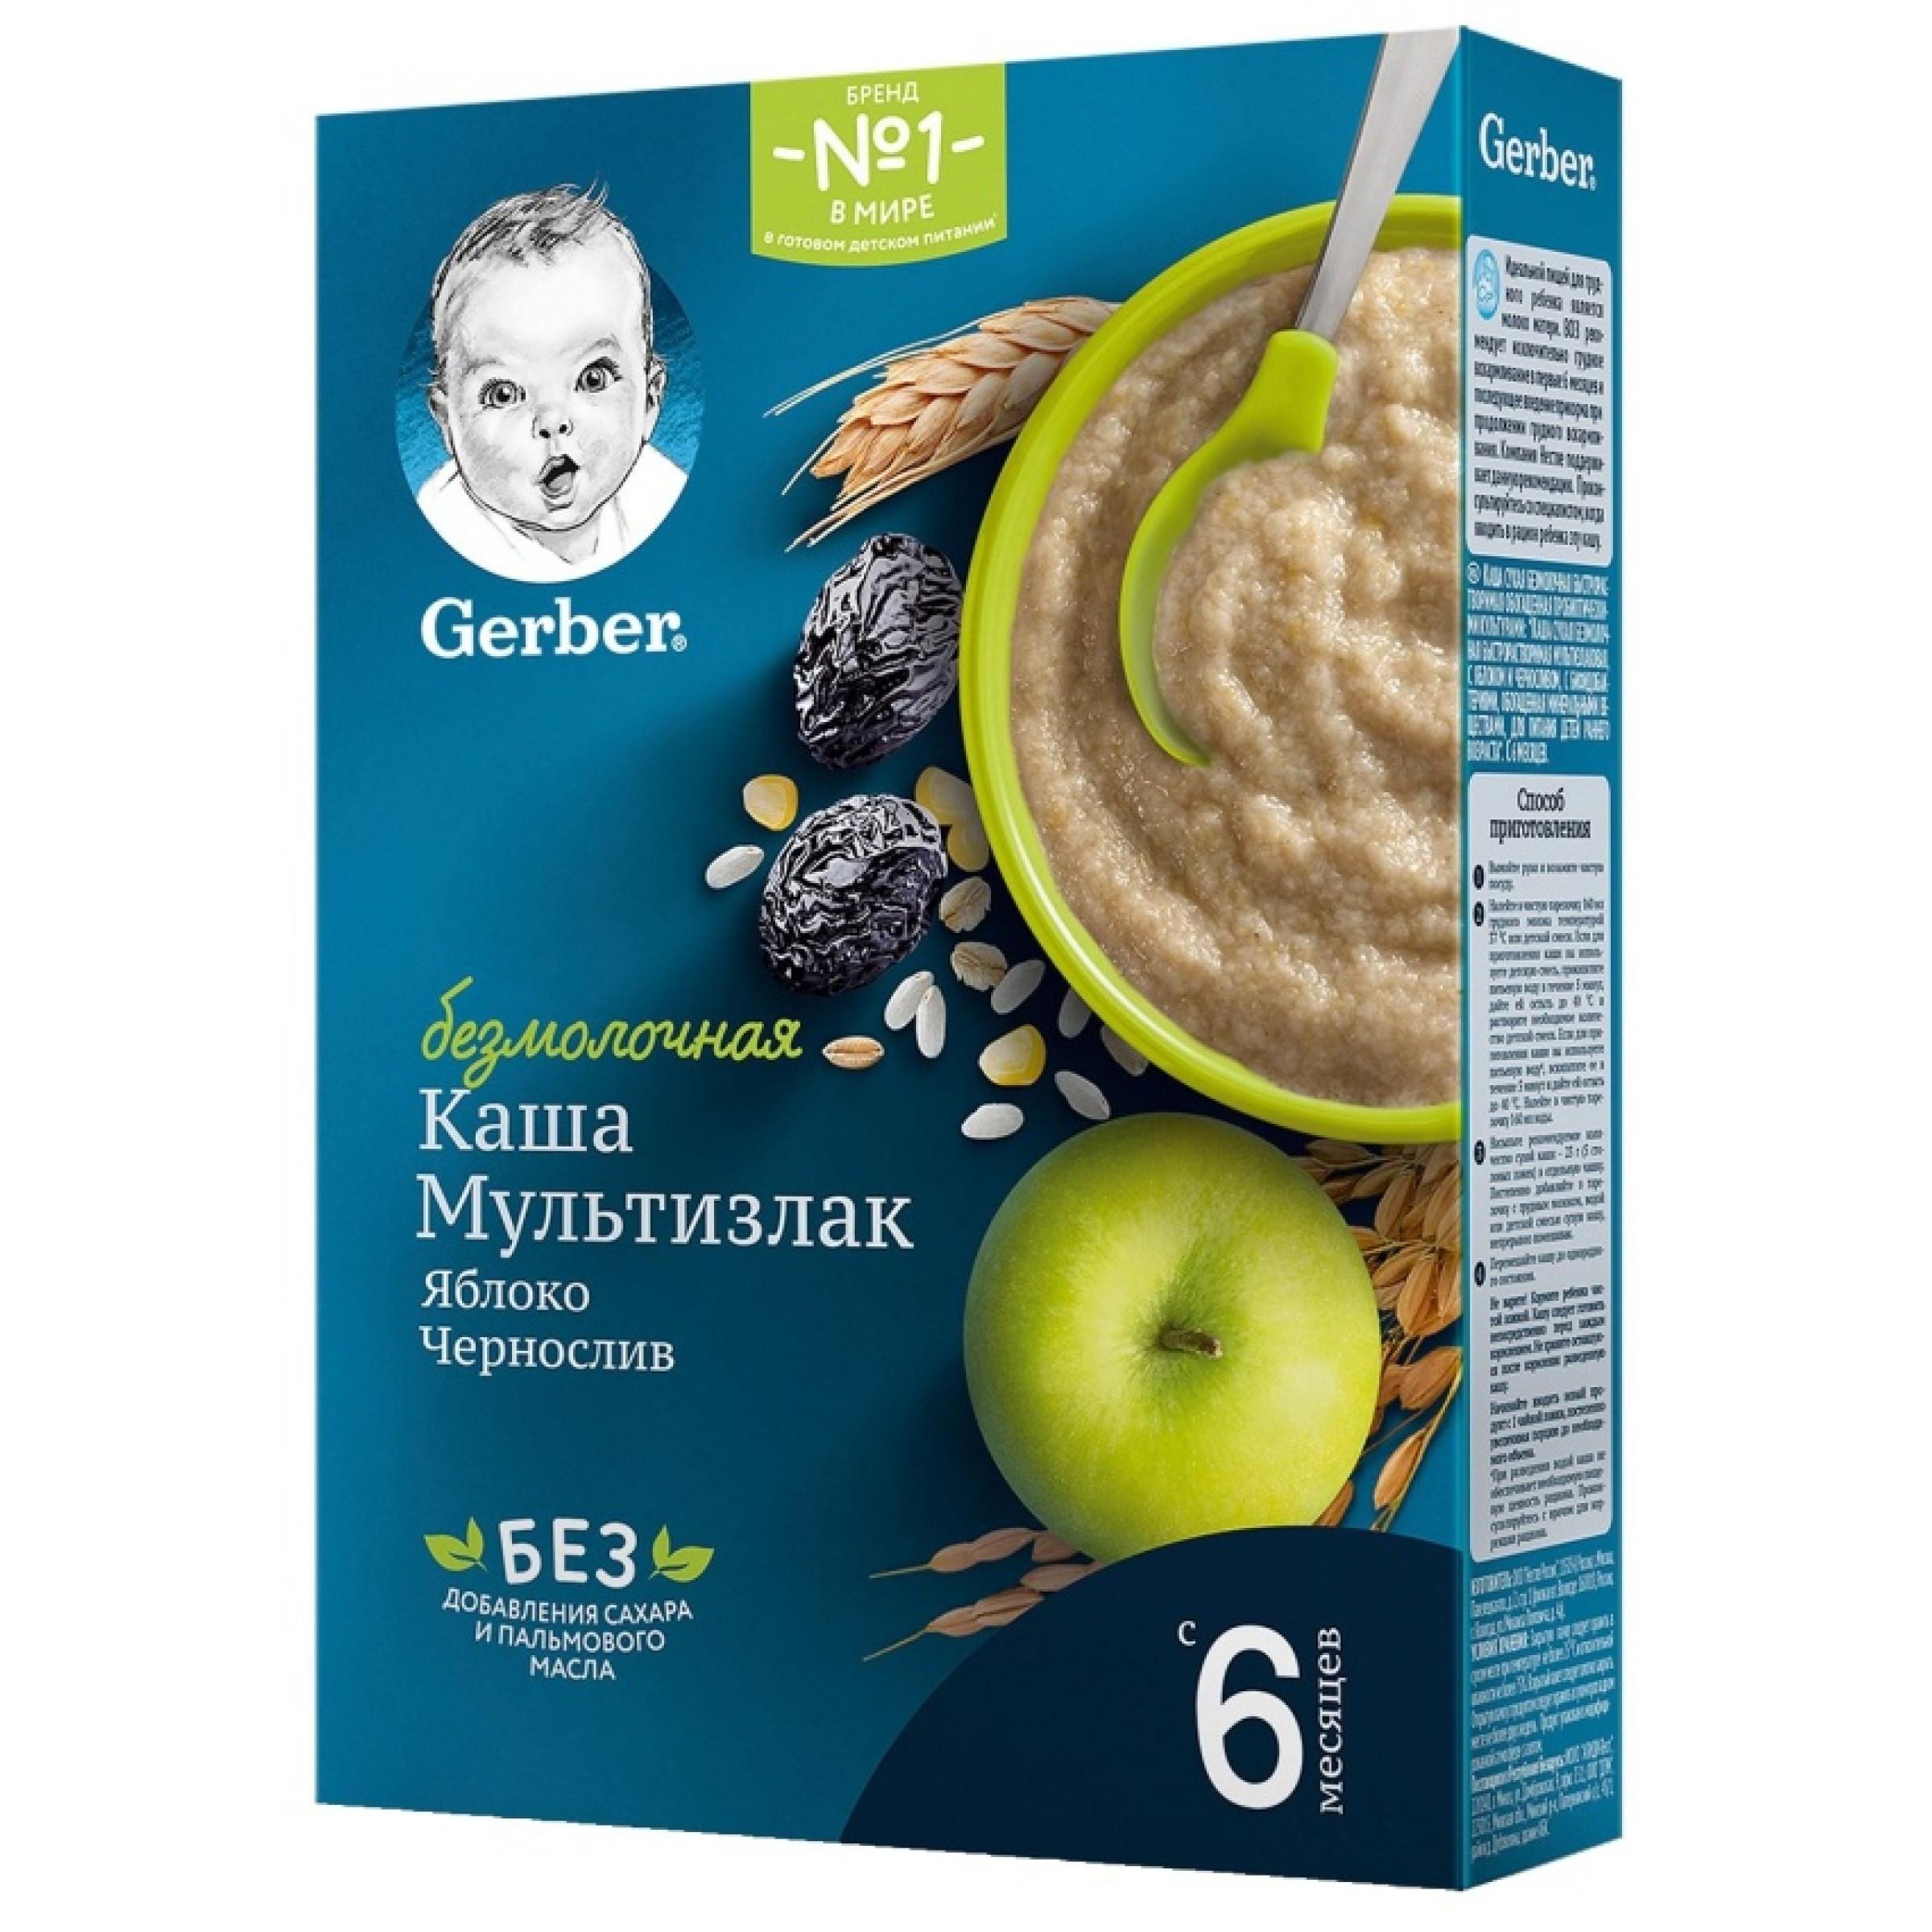 """Каша """"Gerber"""" безмолочная мультизлаковая с яблоком и черносливом, 180 г"""